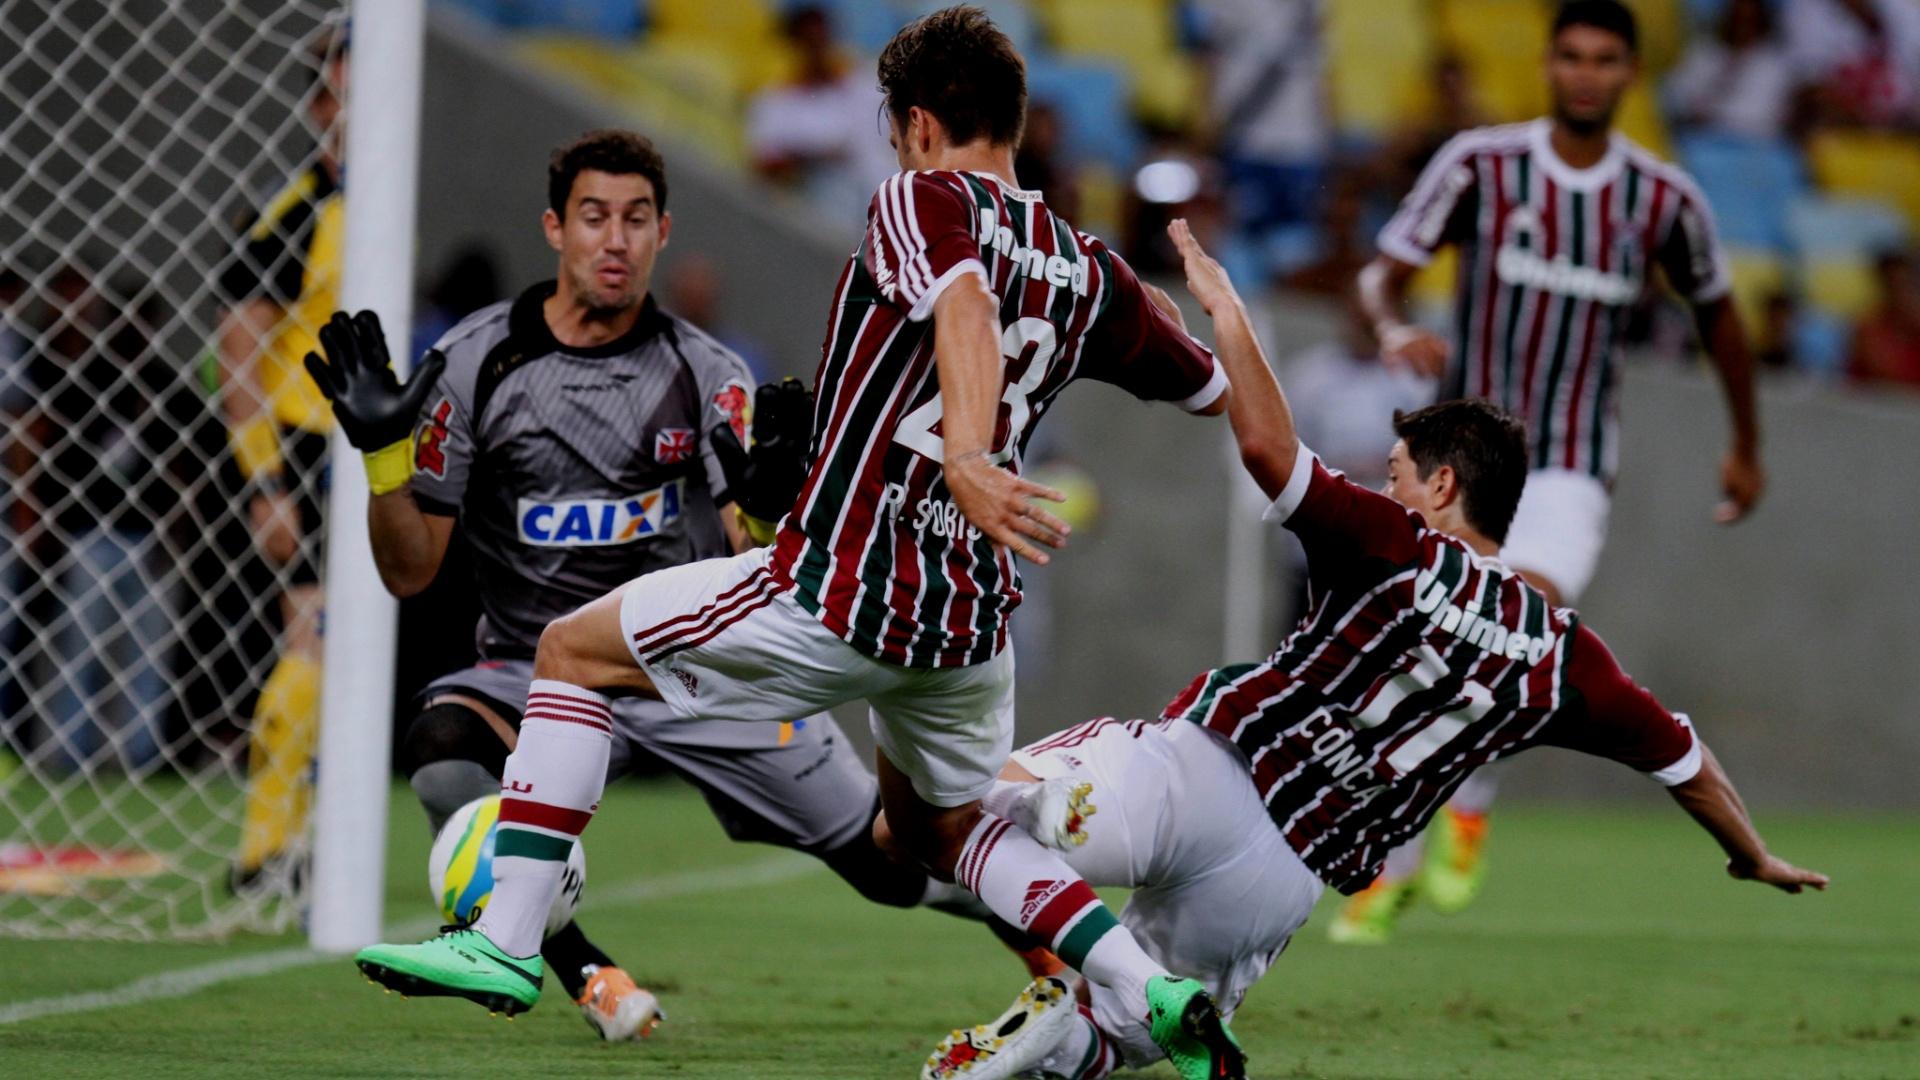 16.03.14 - Rafael Sóbis e Conca não alcançam bola na partida entre Fluminense e Vasco pelo Carioca